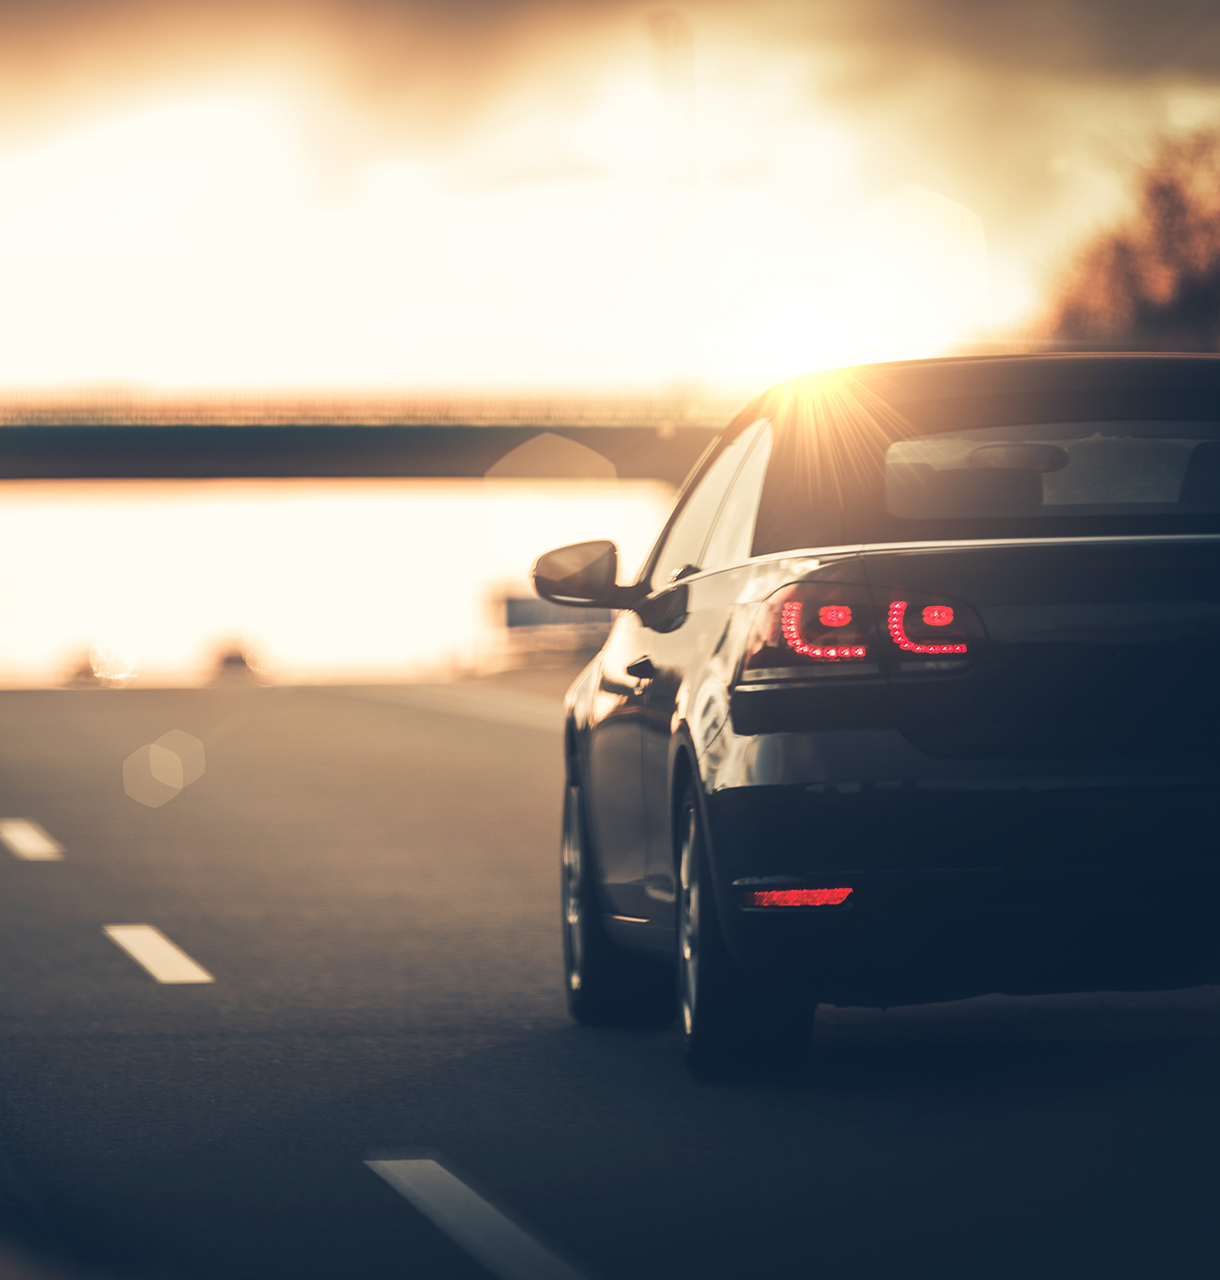 Online poistenie motorových vozidiel